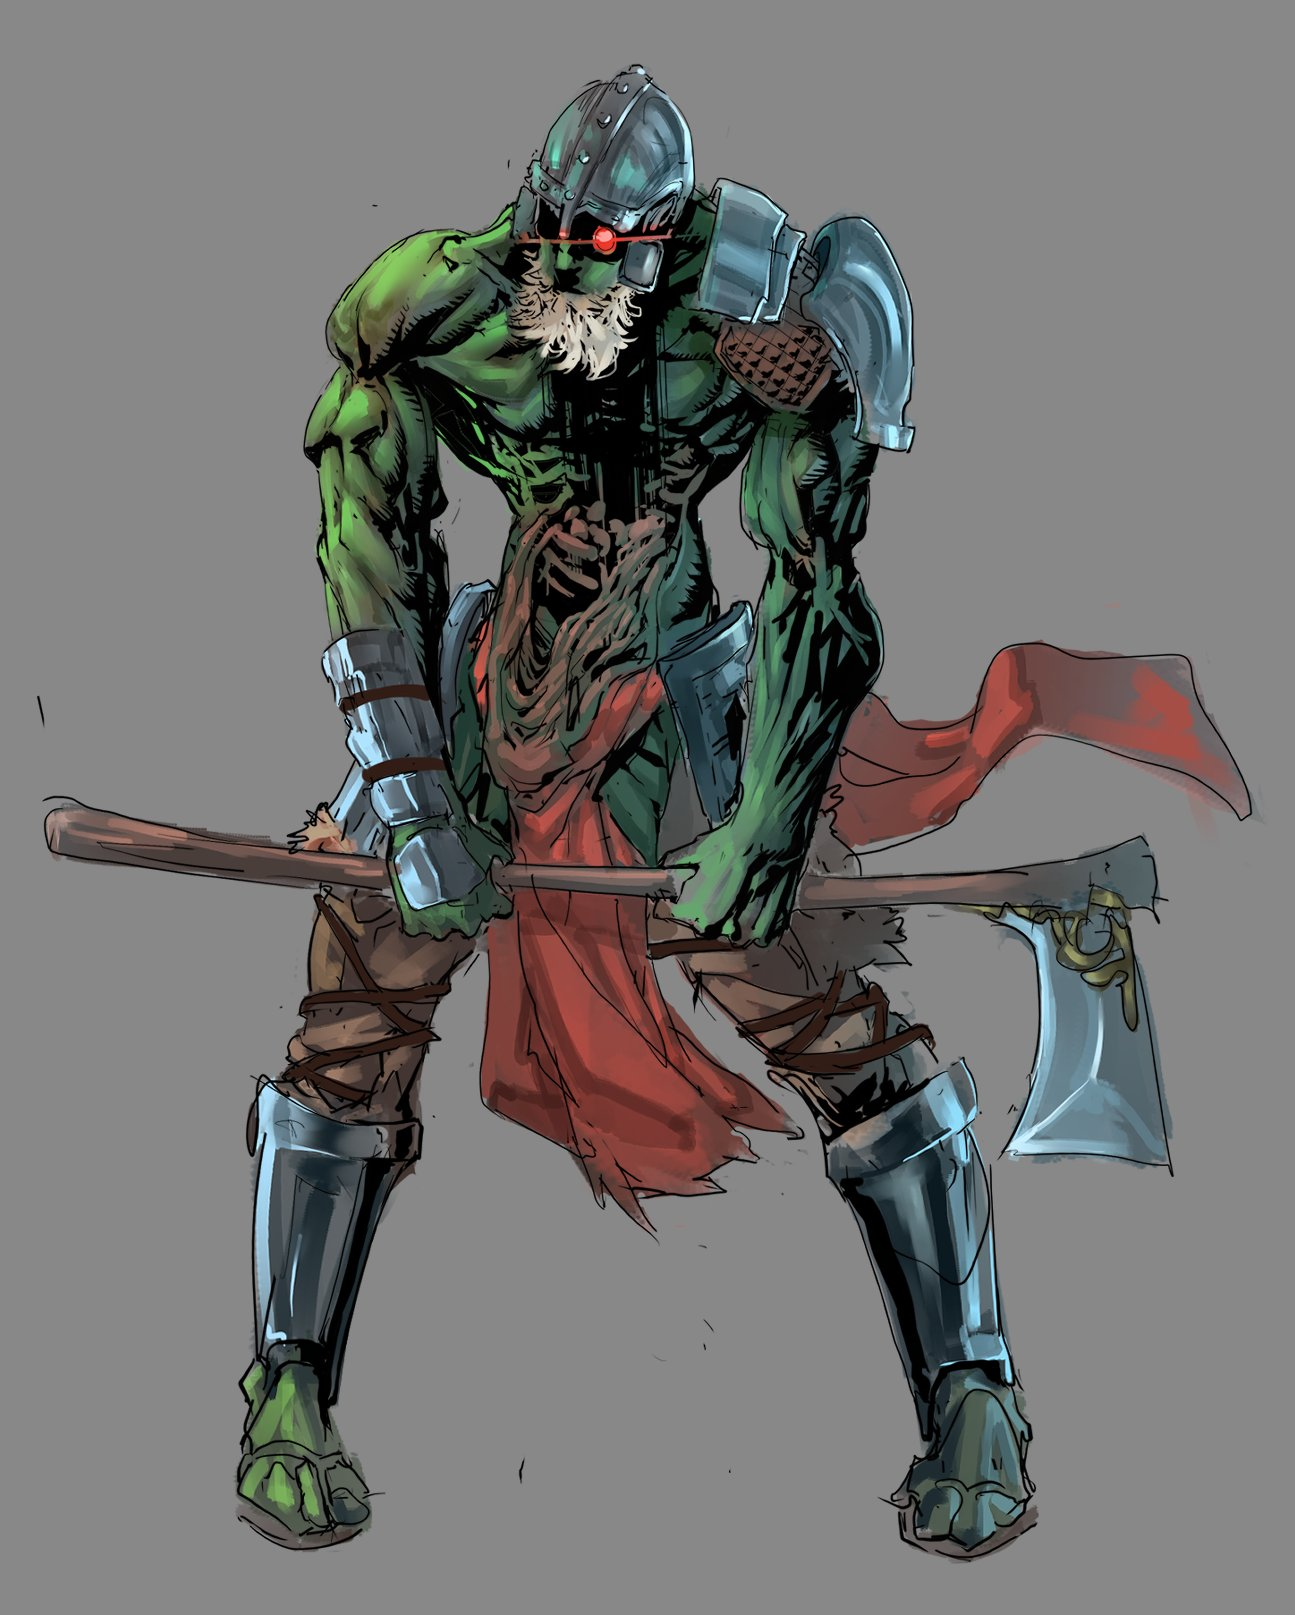 Фанат Valheim задался целью нарисовать всех существ в игре — его арты выглядят круче официальных